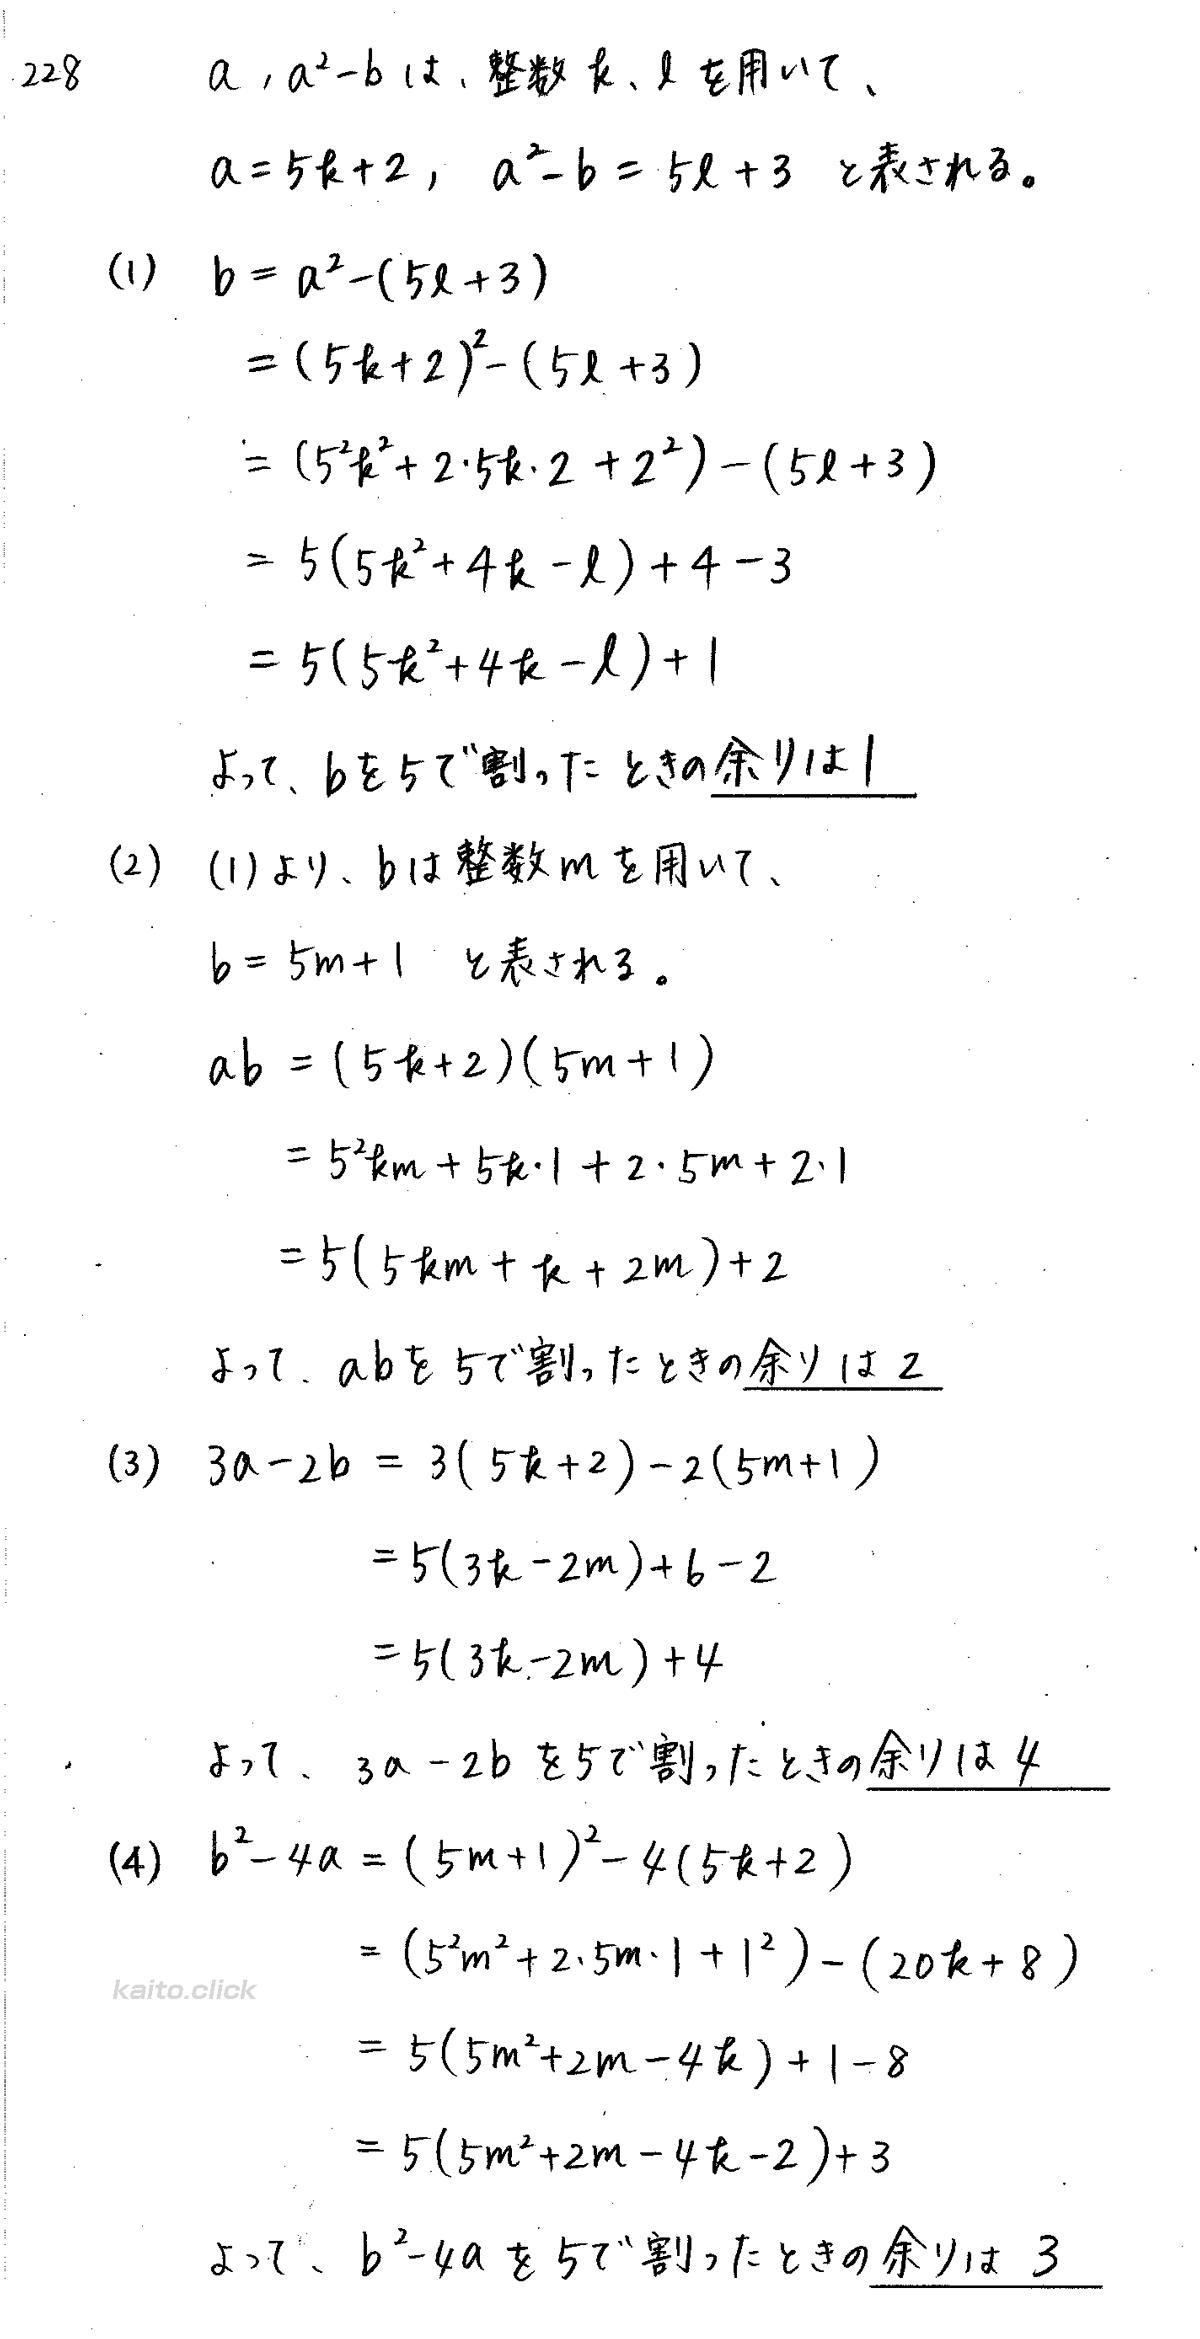 クリアー数学A-228解答